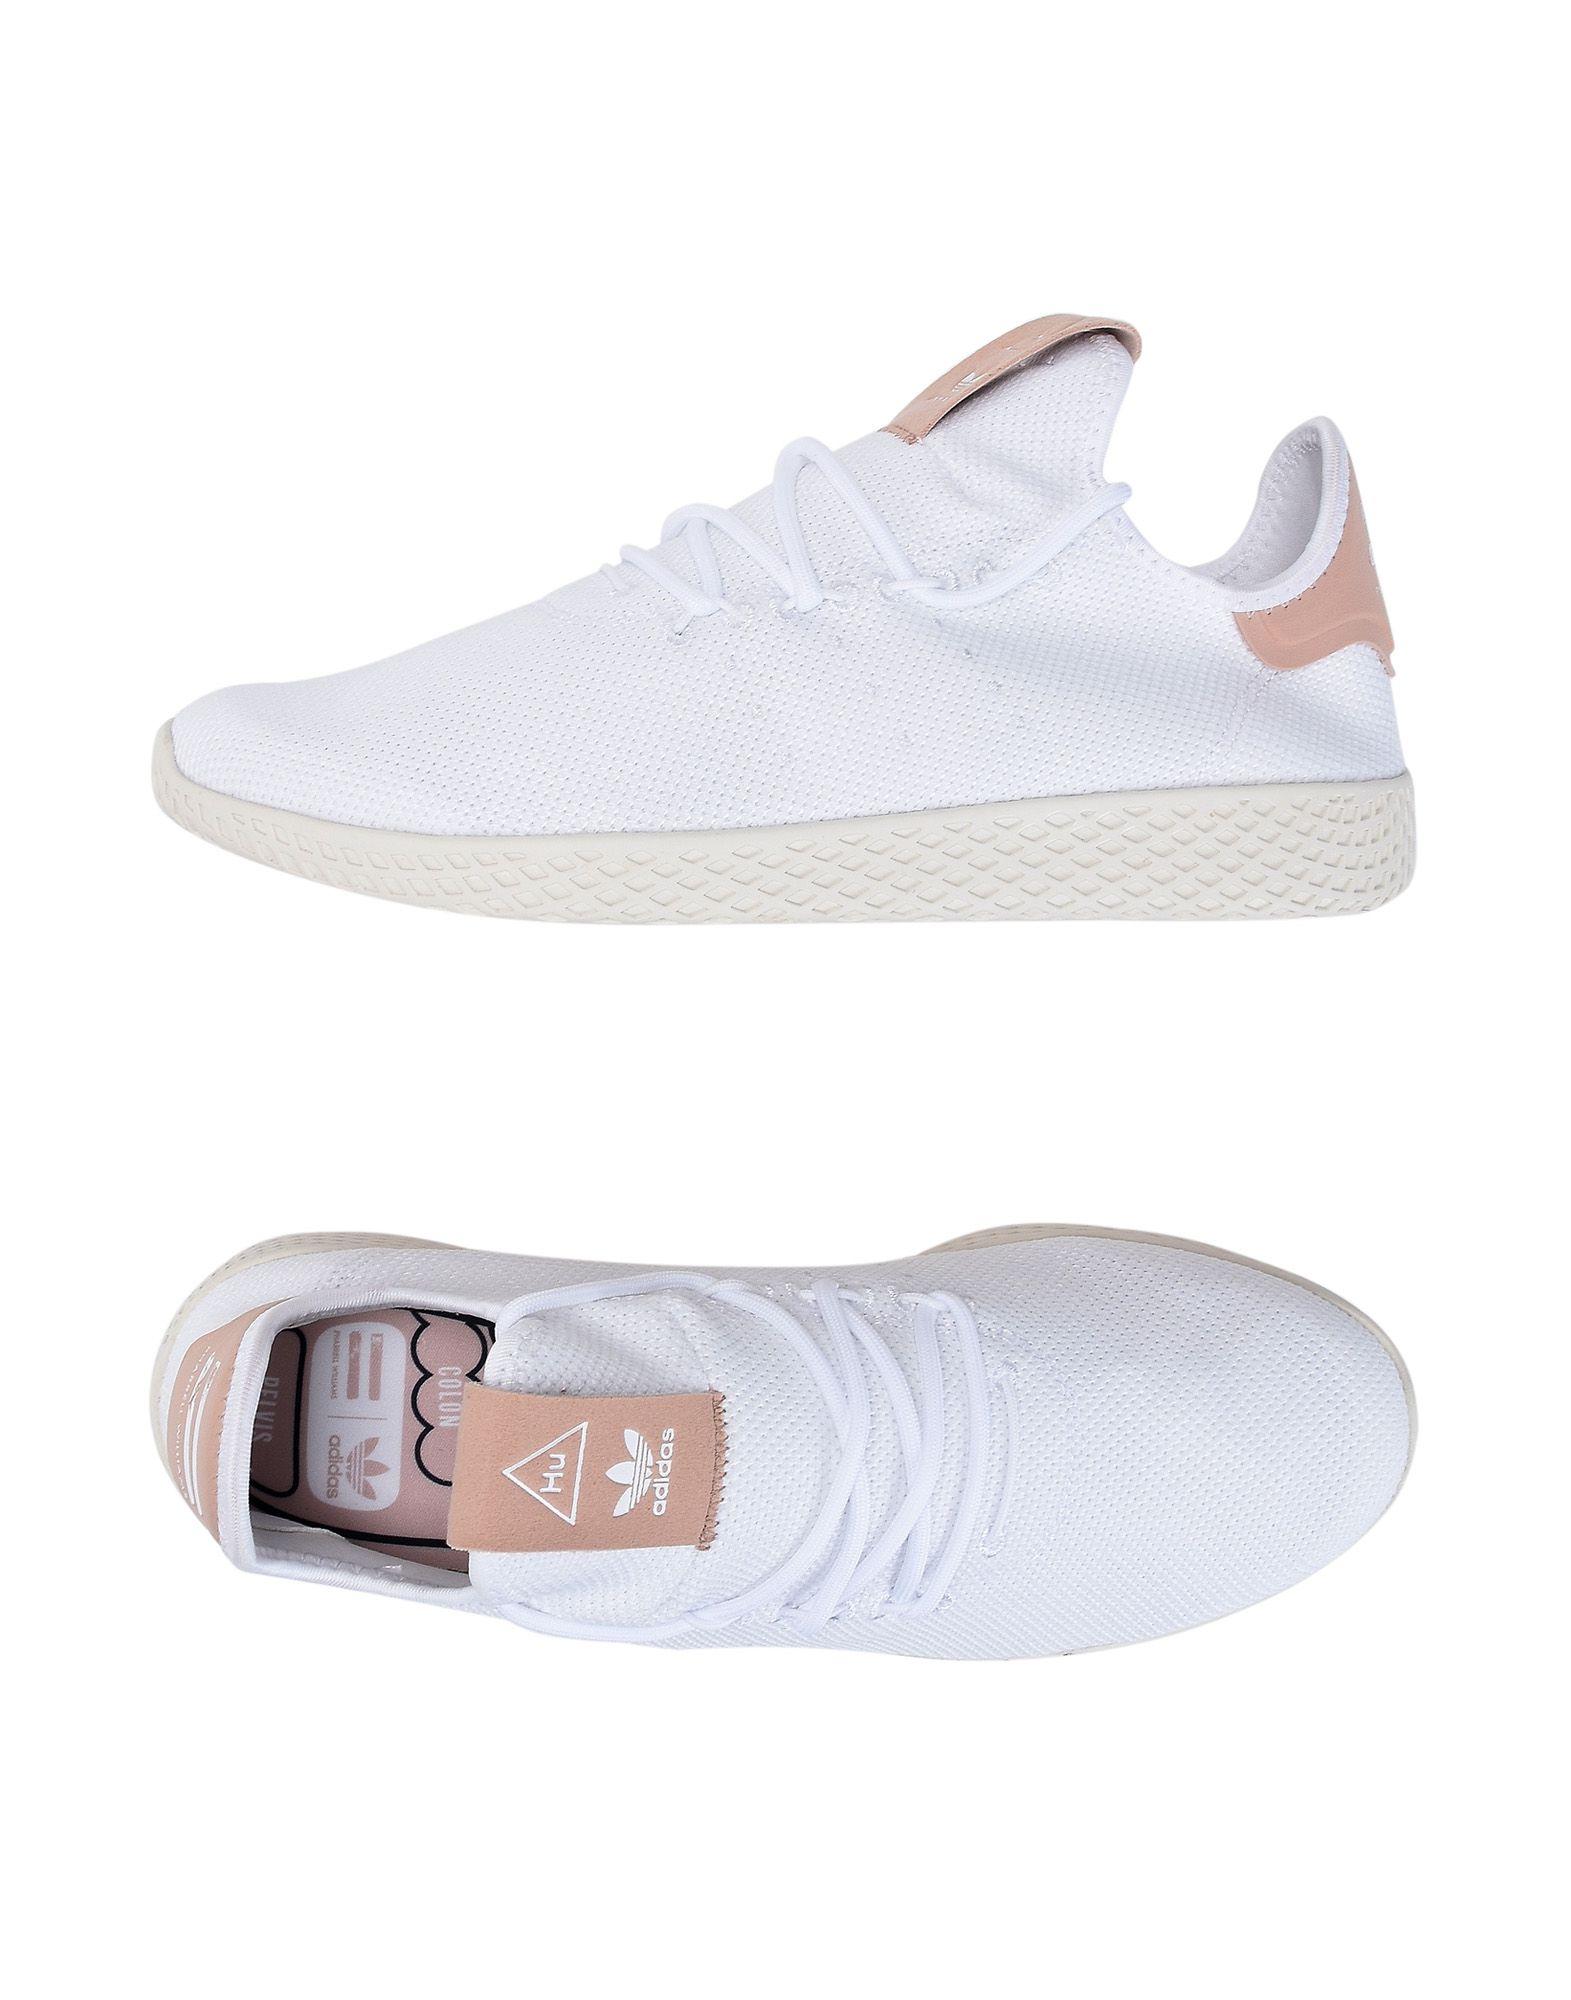 Rabatt echte Schuhe Adidas Originals By Pharrell Williams Pw Tennis Hu  11459494OF